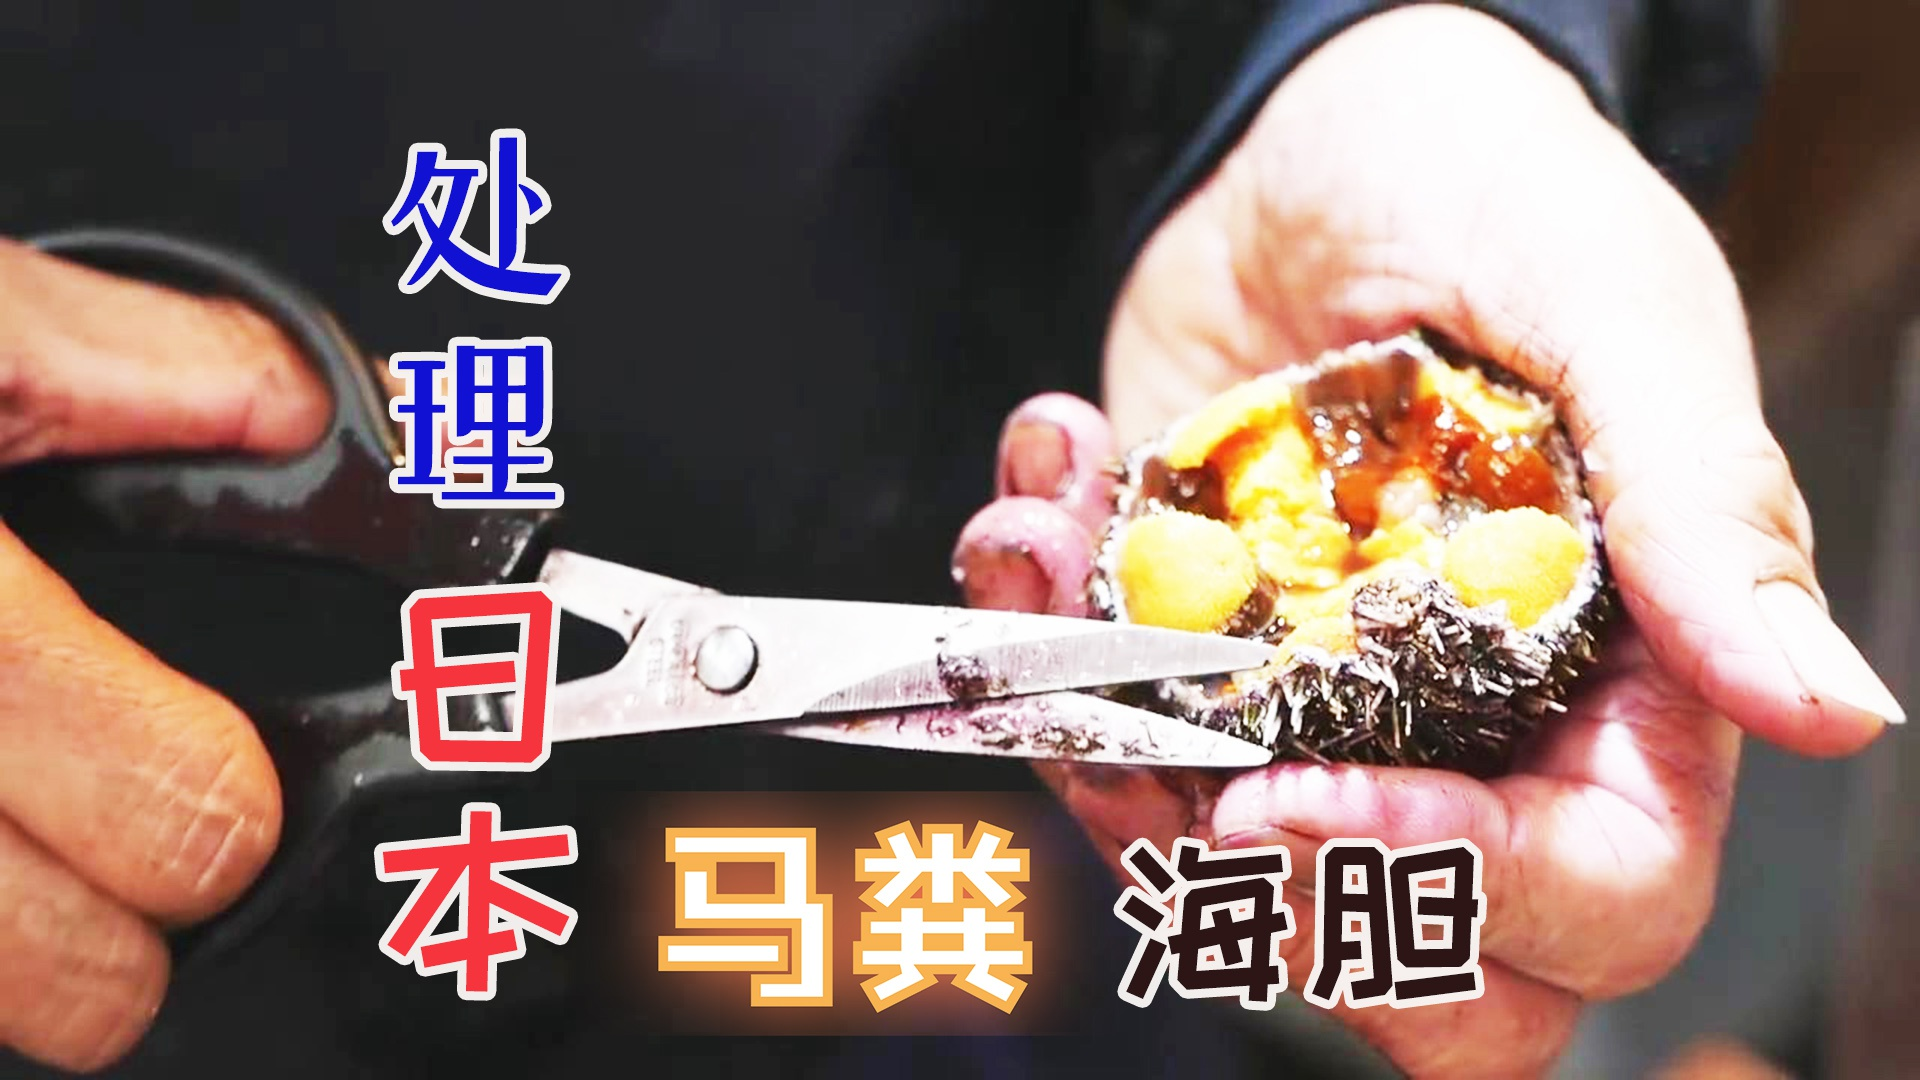 日本厨师处理新鲜马粪海胆,剪刀破壳取胆肉颜色黄灿诱人!